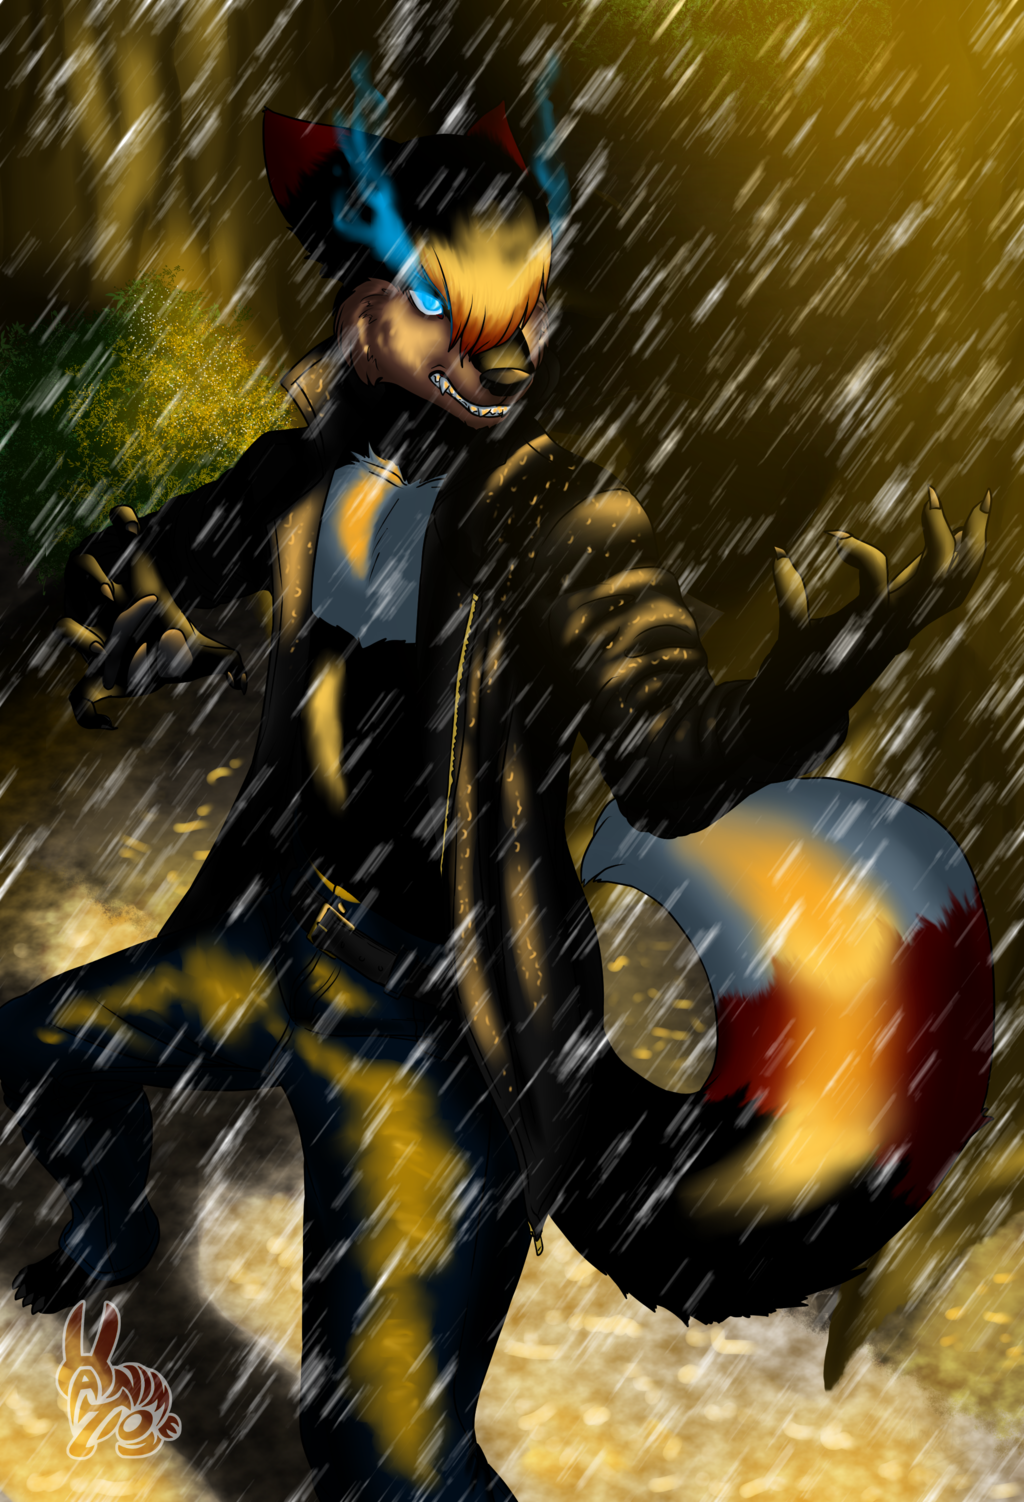 Koekoek19 commission - Rumble in the rain